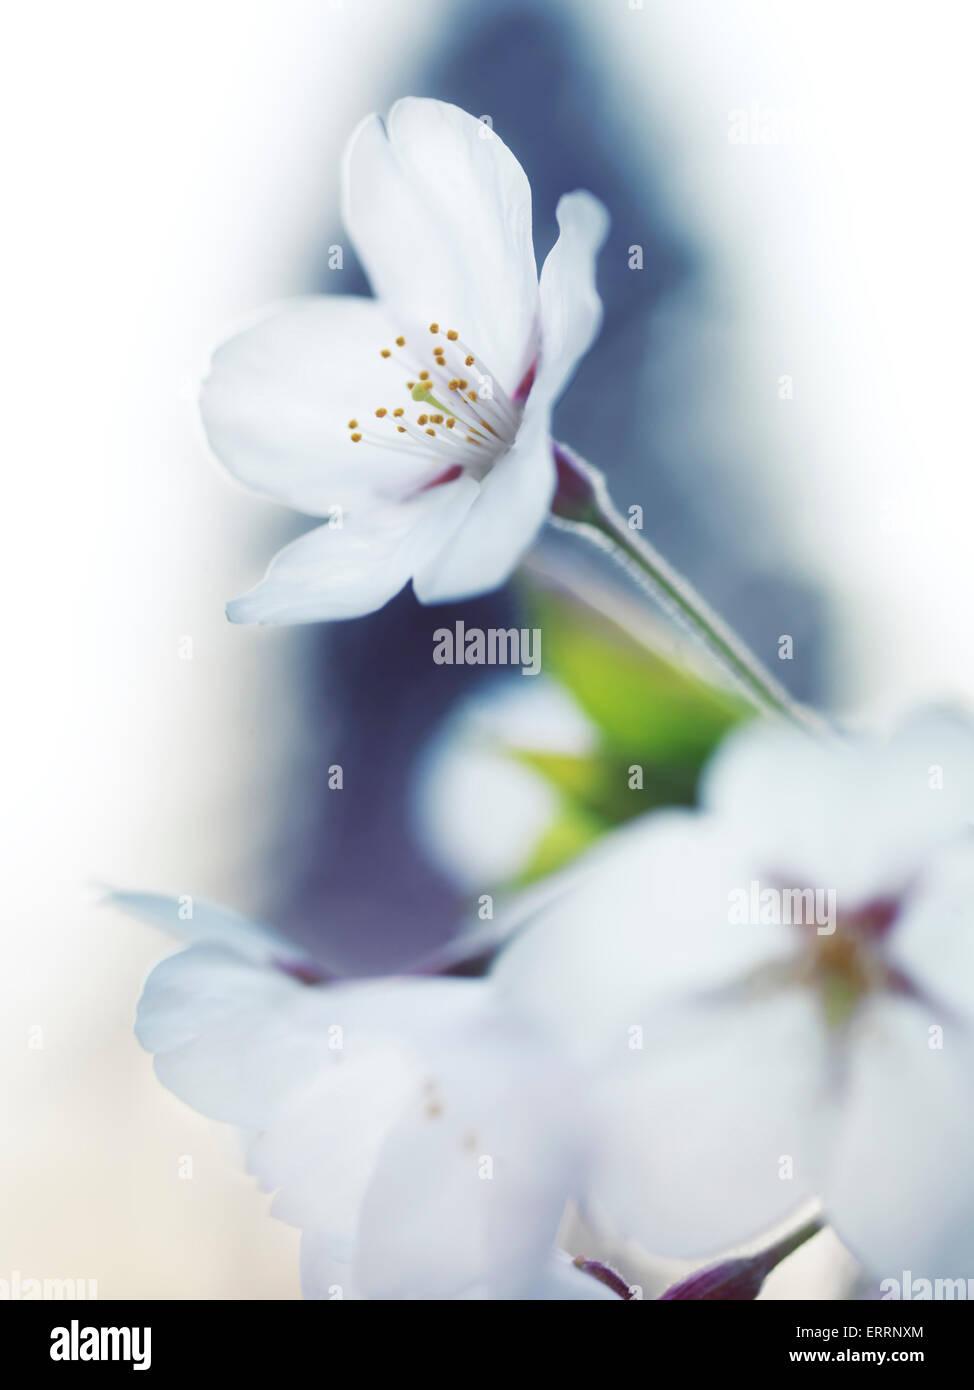 Fiori Bianchi Bellissimi.Primo Piano Della Sakura Bellissimi Fiori Bianchi Di Giapponese